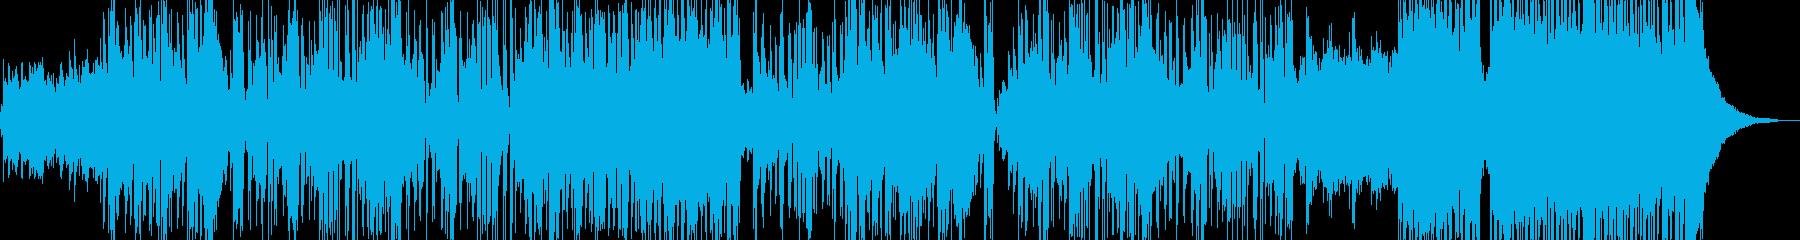 新鮮な空気感の演出・クールなビート C2の再生済みの波形